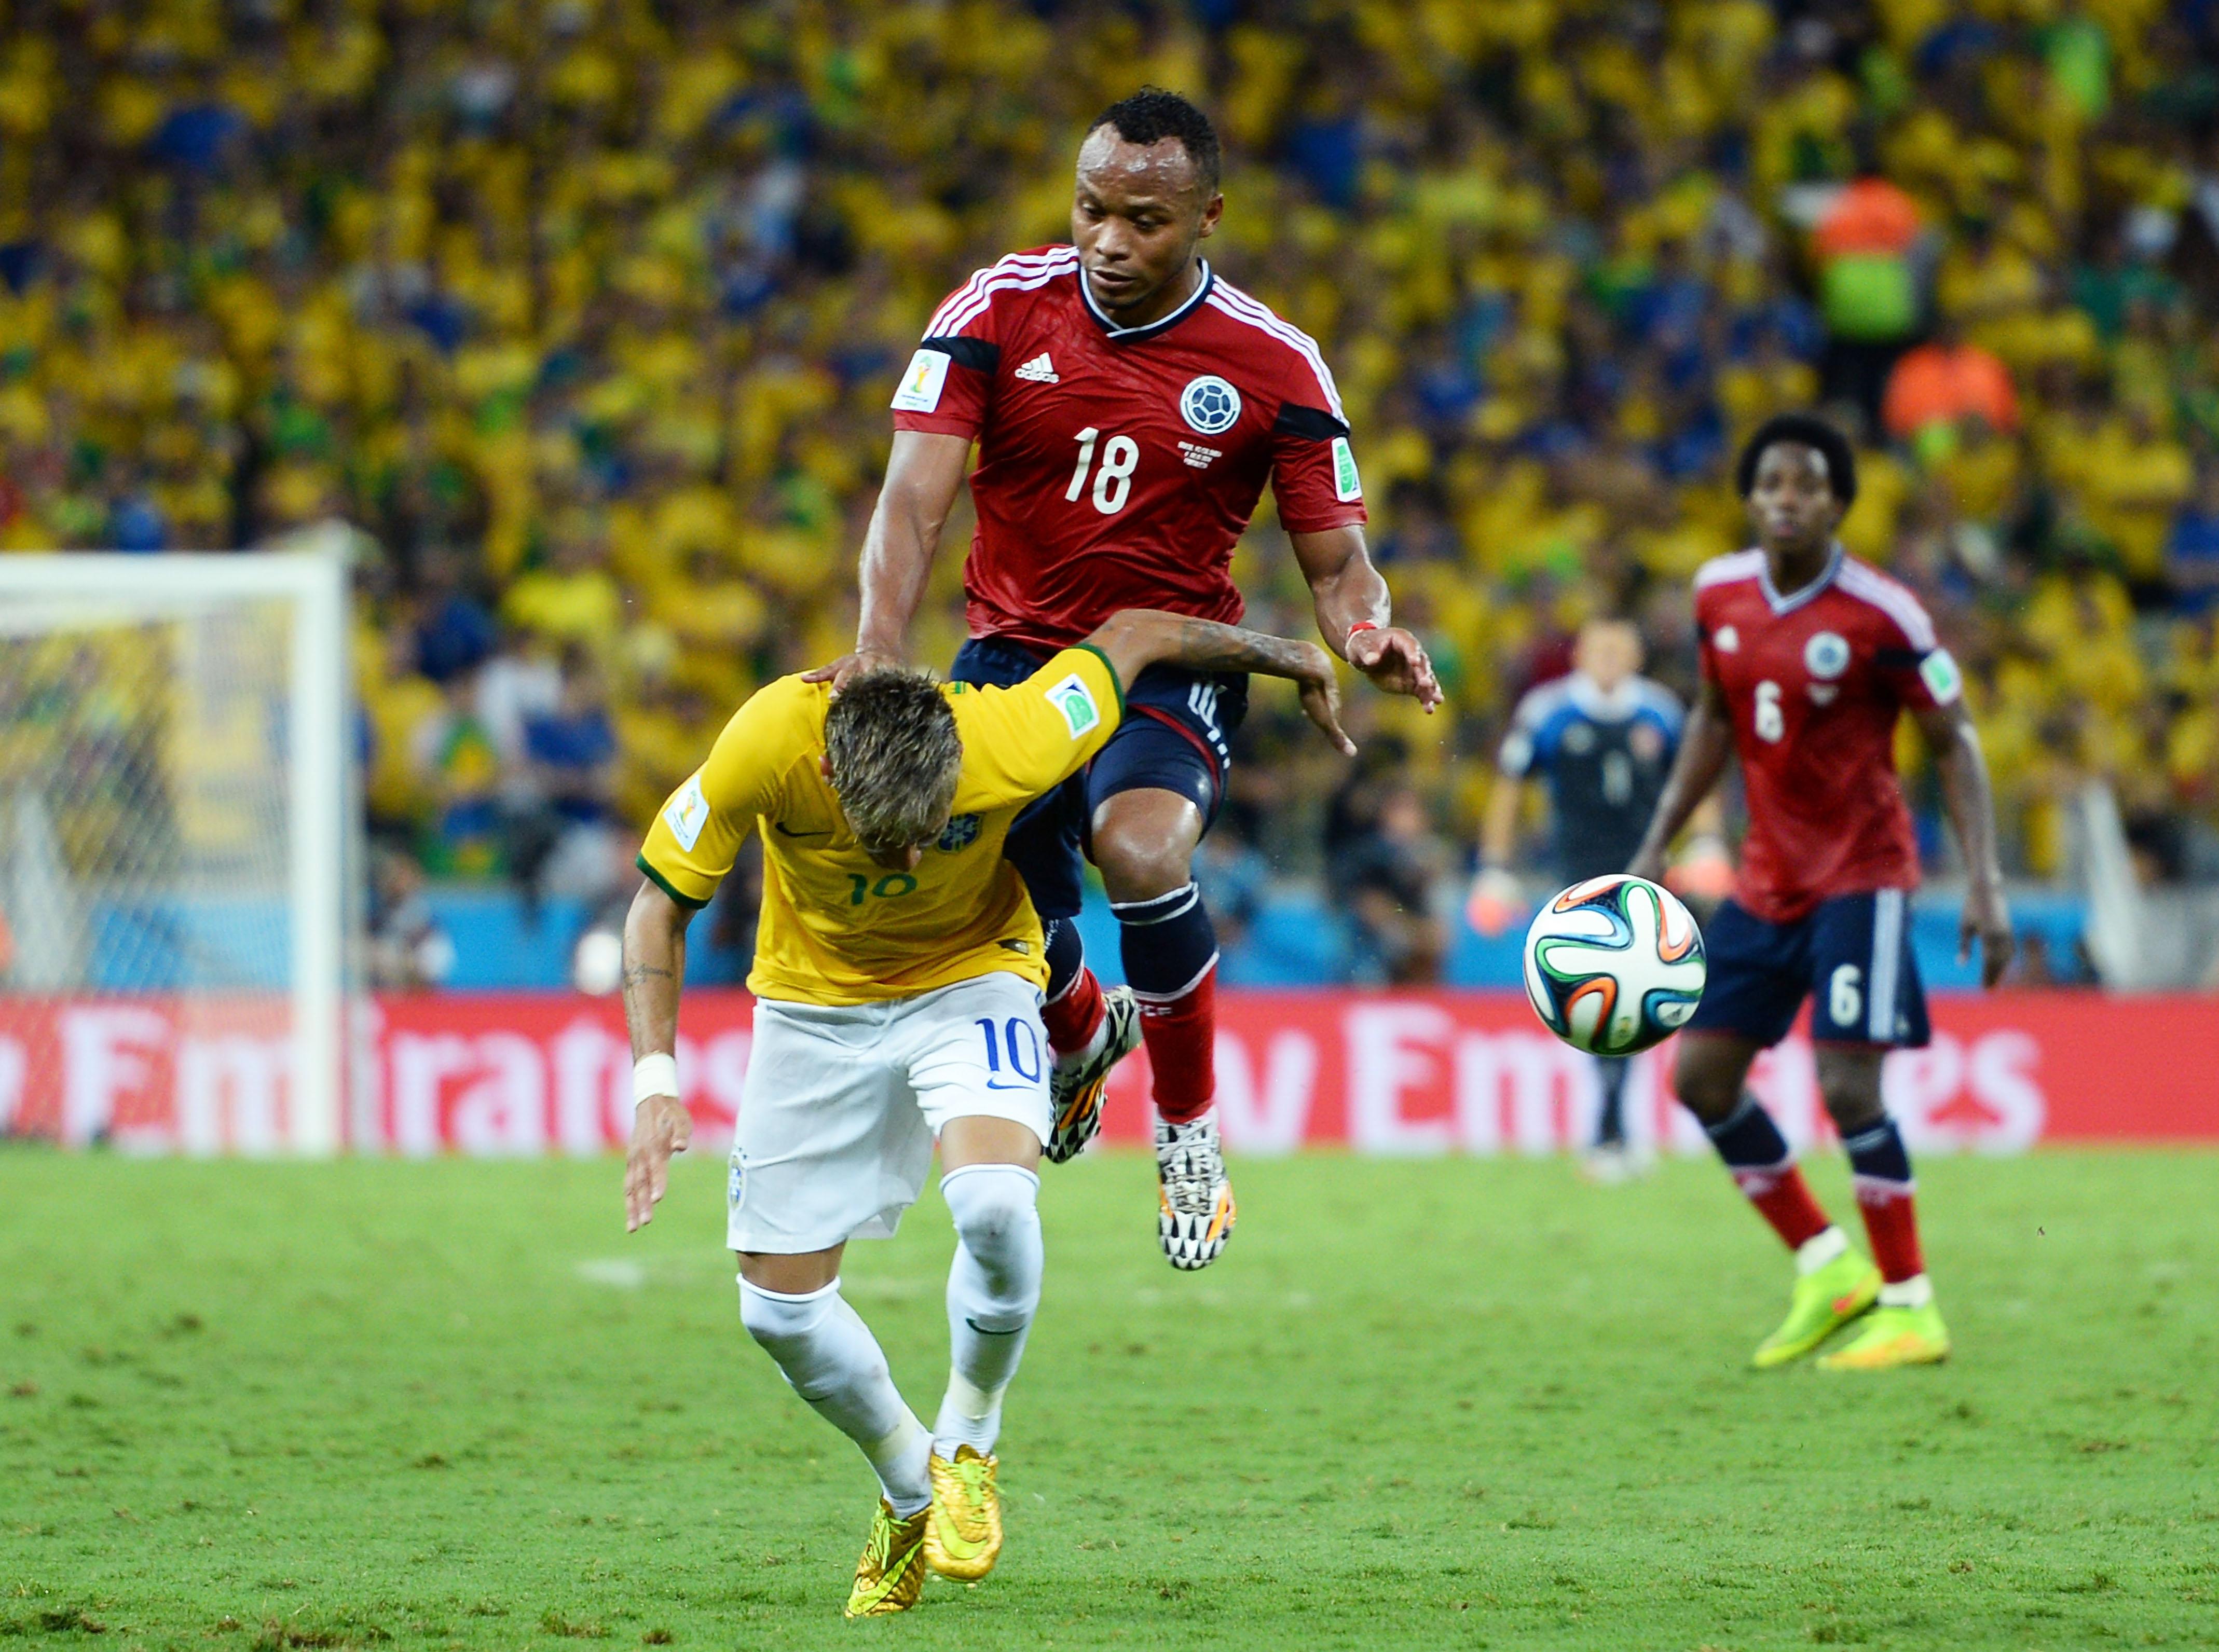 Brutales Faul von Juan Zuniga an Neymar: Neymar erleidet Wirbelbruch (Video und Fotos)